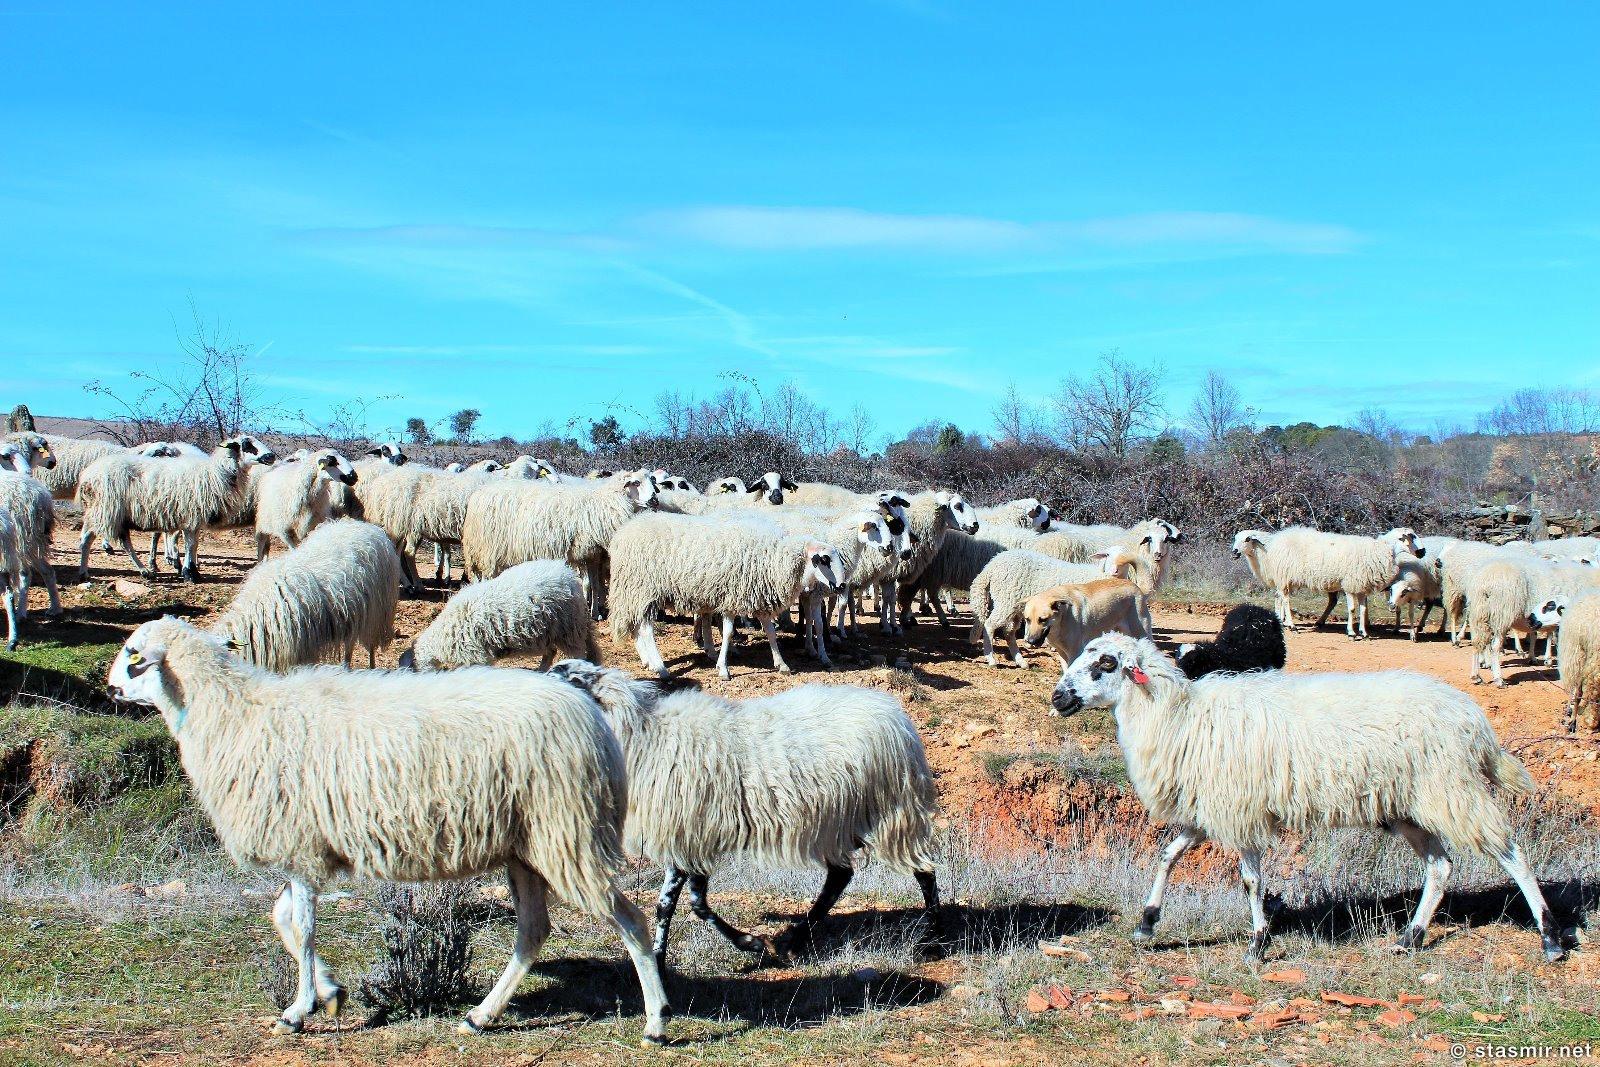 Для разнообразия - португальские, а не исландские бараны, фото Стасмир, photo Stasmir